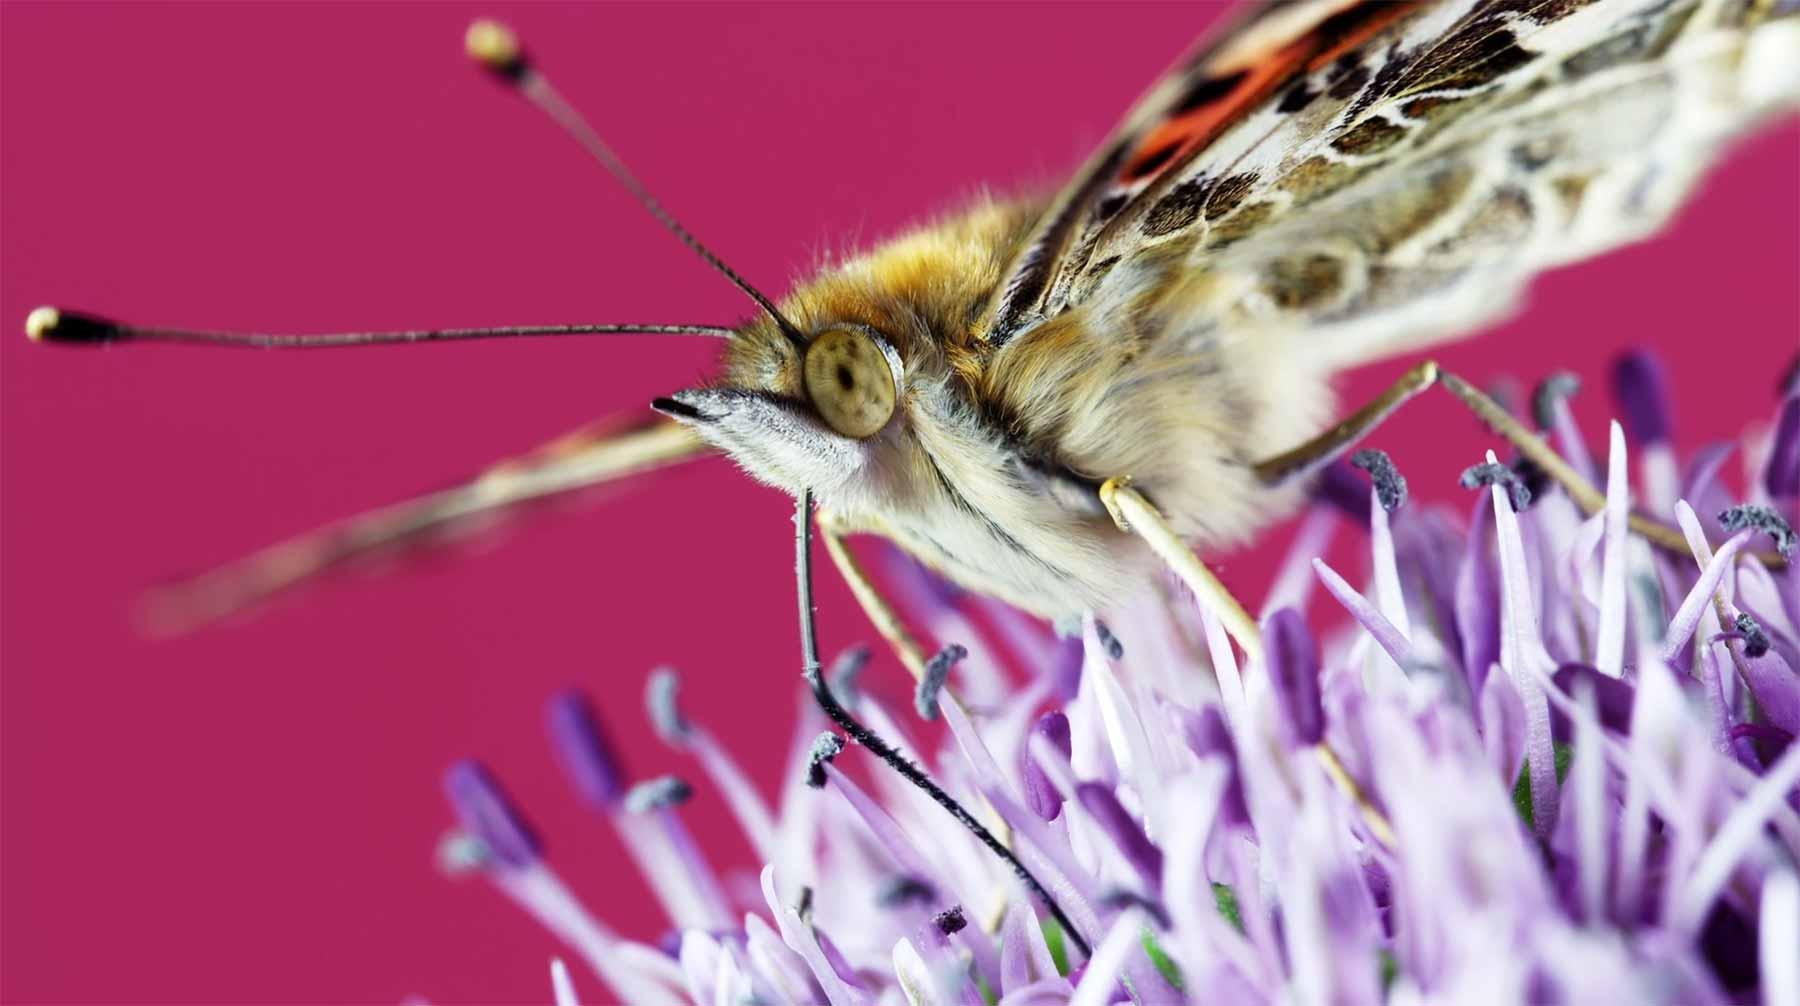 Insekten und Blüten in wunderschöner Nahaufnahme n-uprising-thomas-blanchard